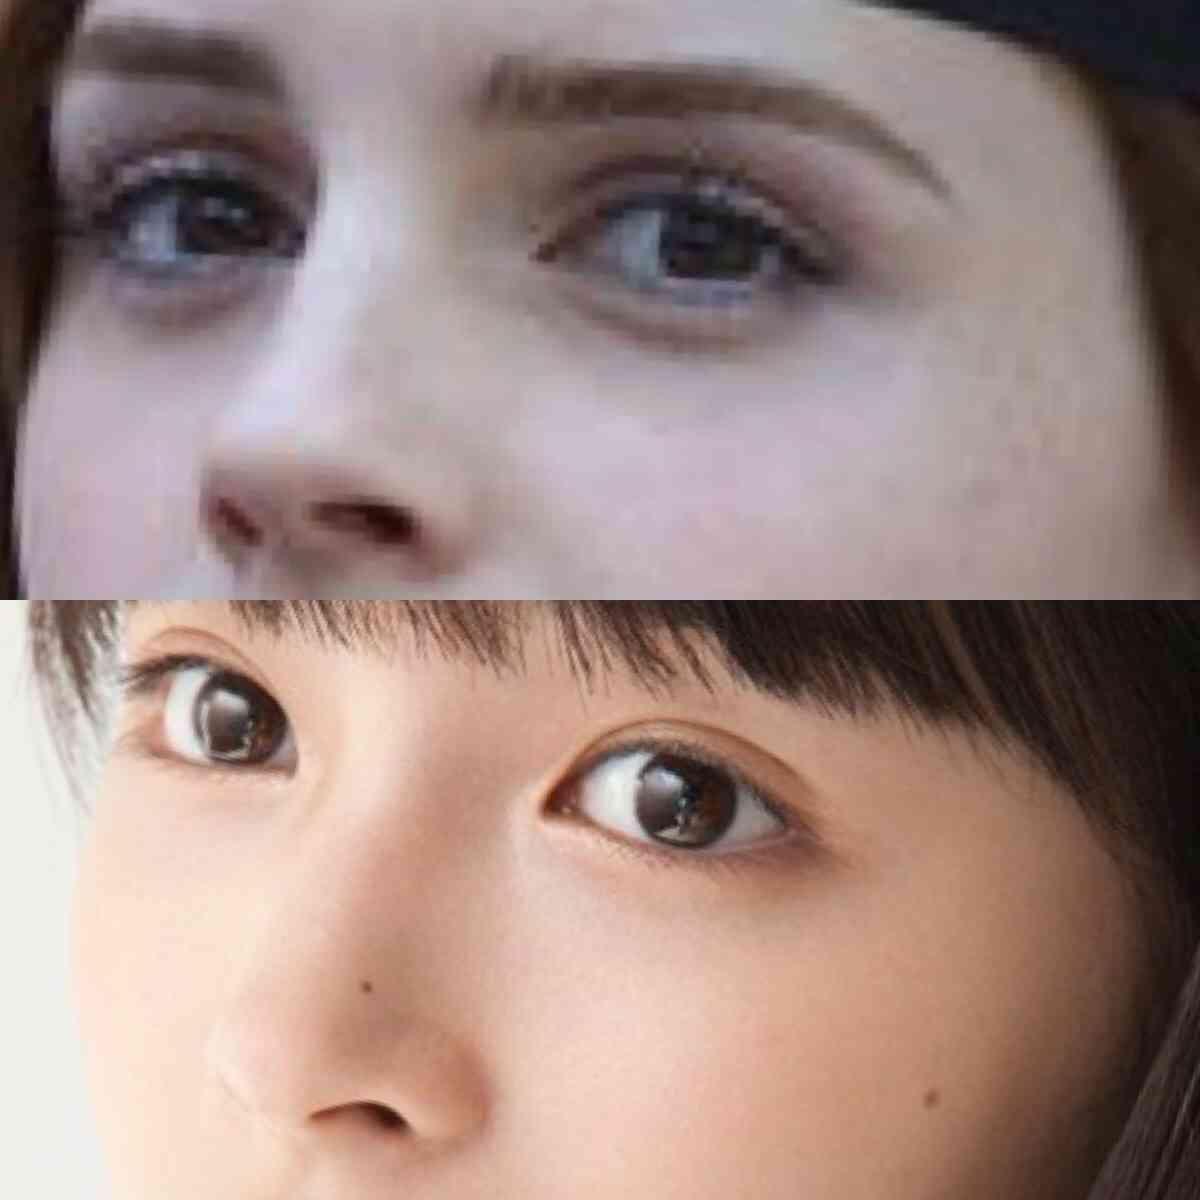 夏菜の眉の位置変わり印象が変化?ファンの意見割れる